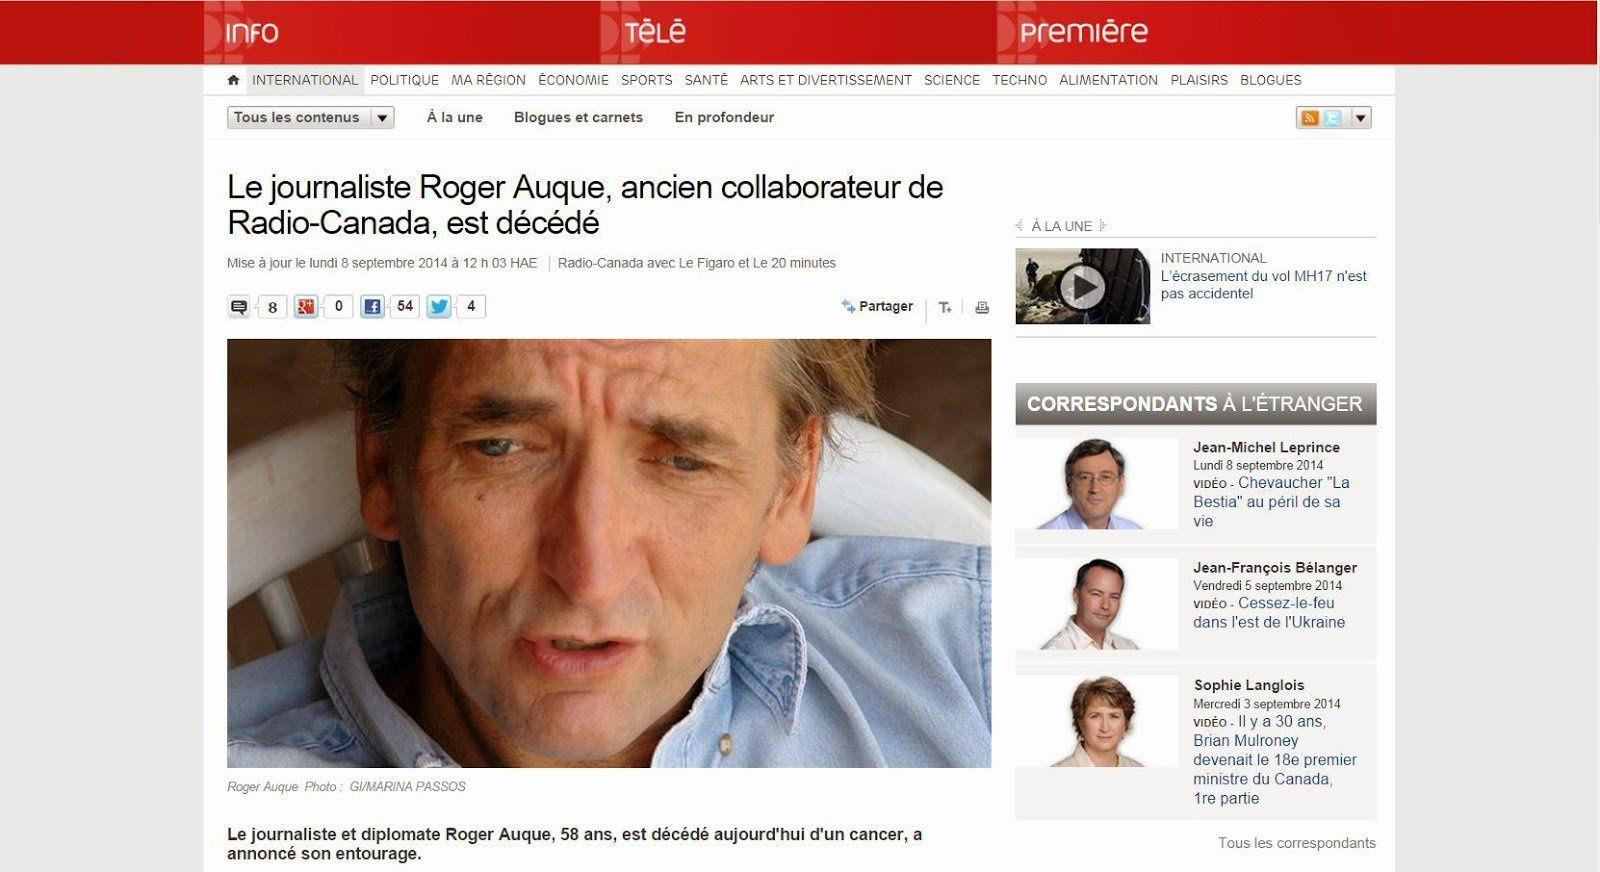 Le cas Roger Auque, journaliste et agent du Mossad, interpelle médias et journalistes (Mondialisation.ca)